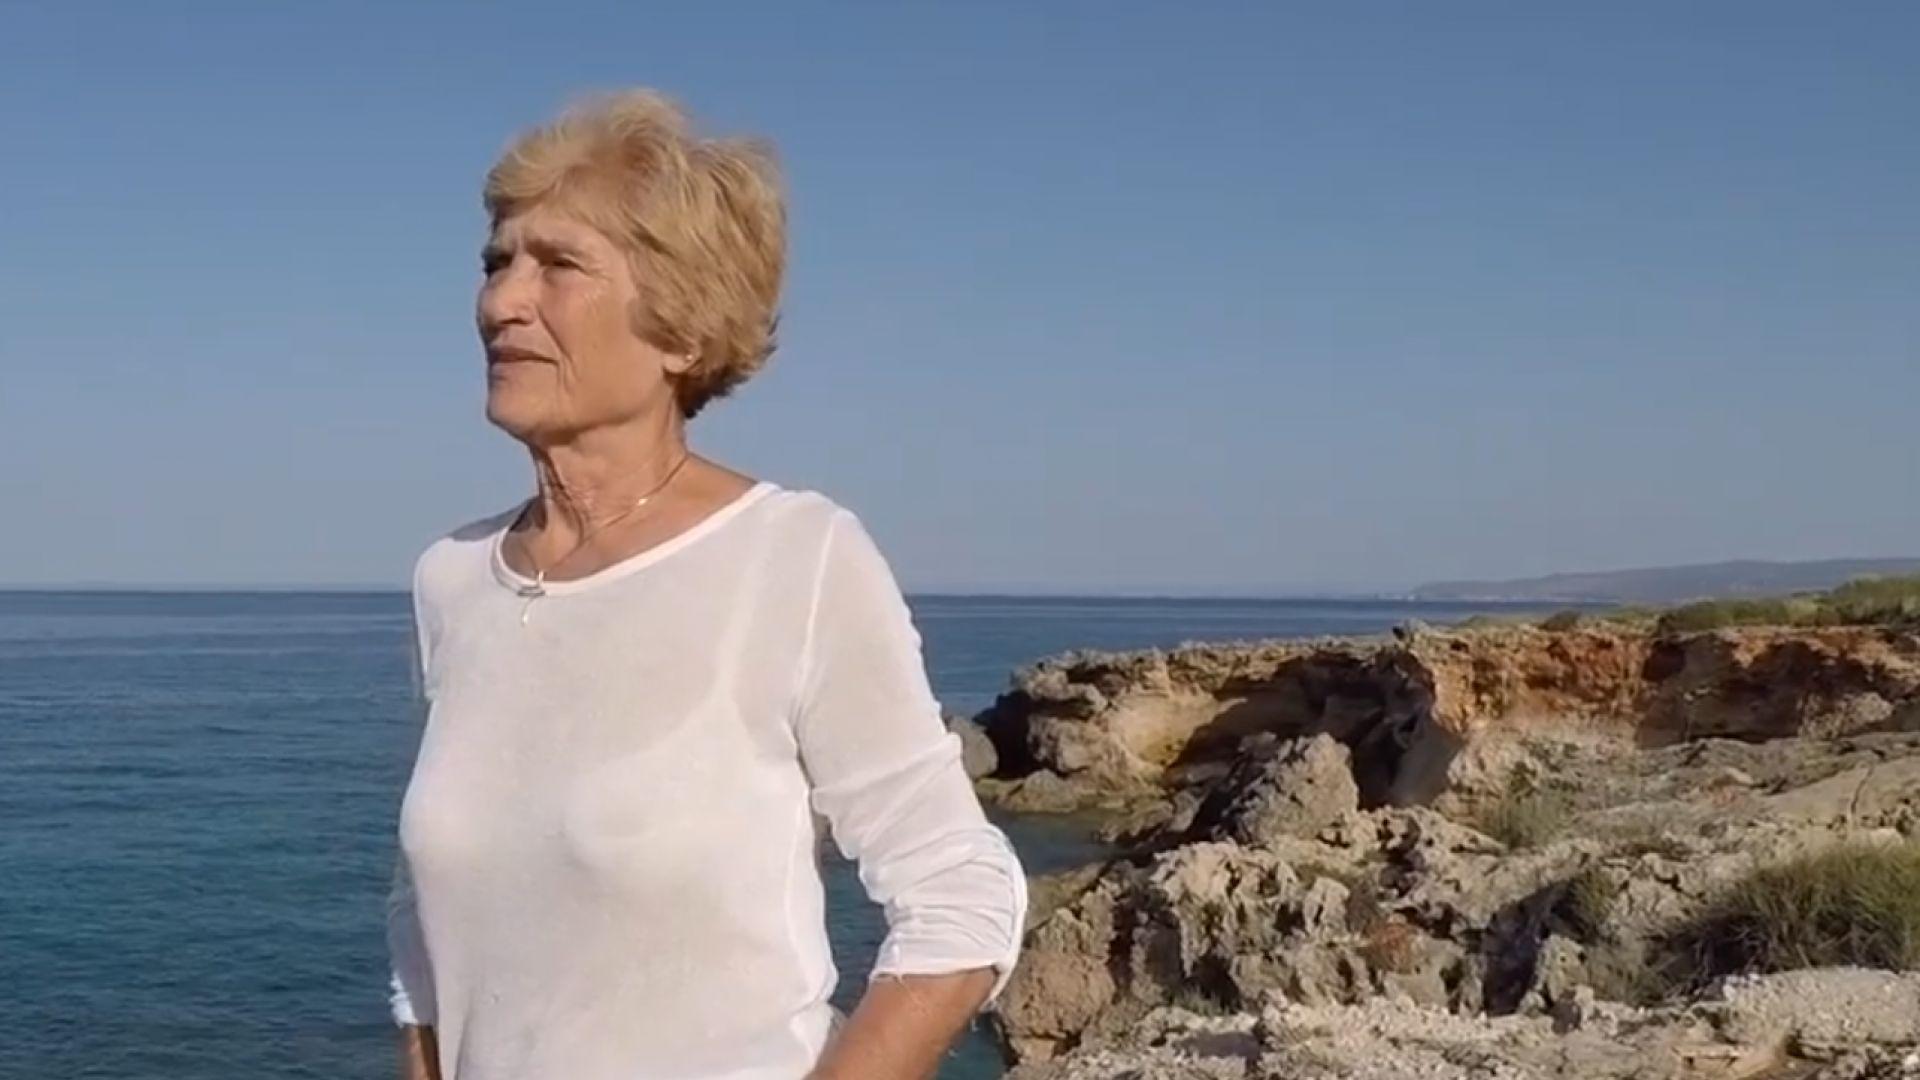 81-годишна преплава с уиндсърф 18 морски мили (видео)